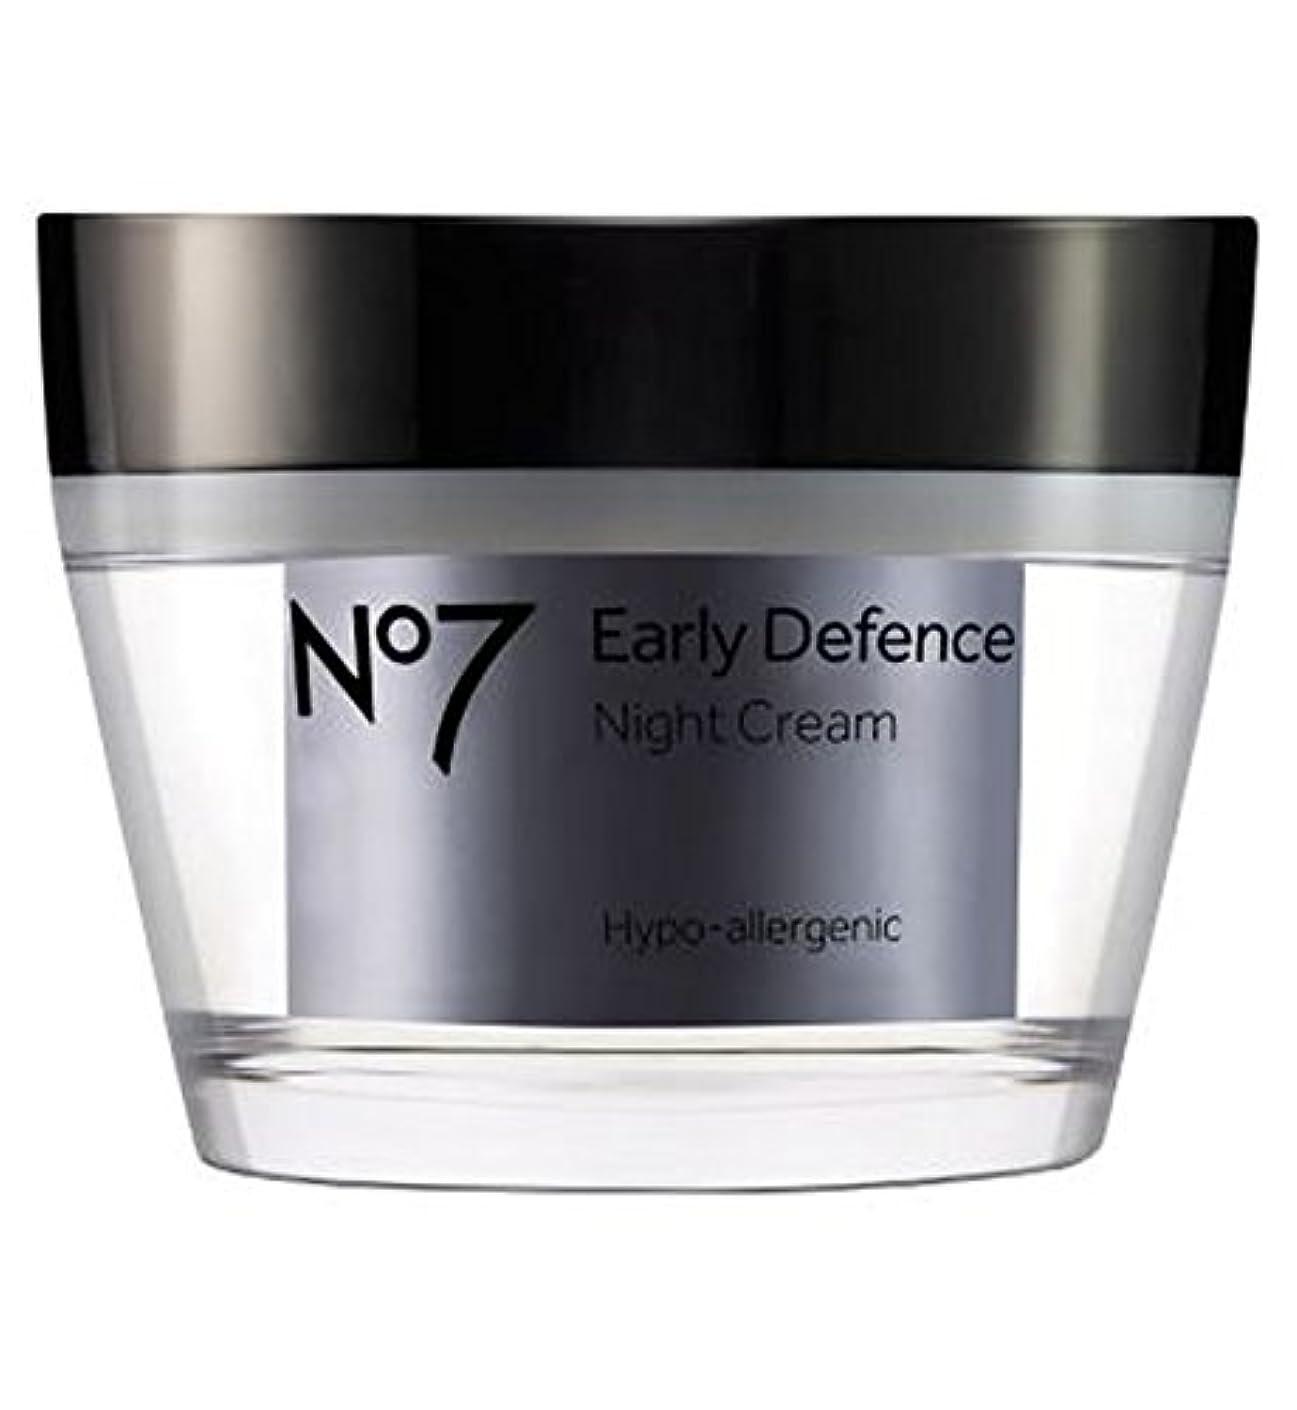 スクリーチ彼女のコンピューターNo7 Early Defence Night Cream - No7早期防衛ナイトクリーム (No7) [並行輸入品]